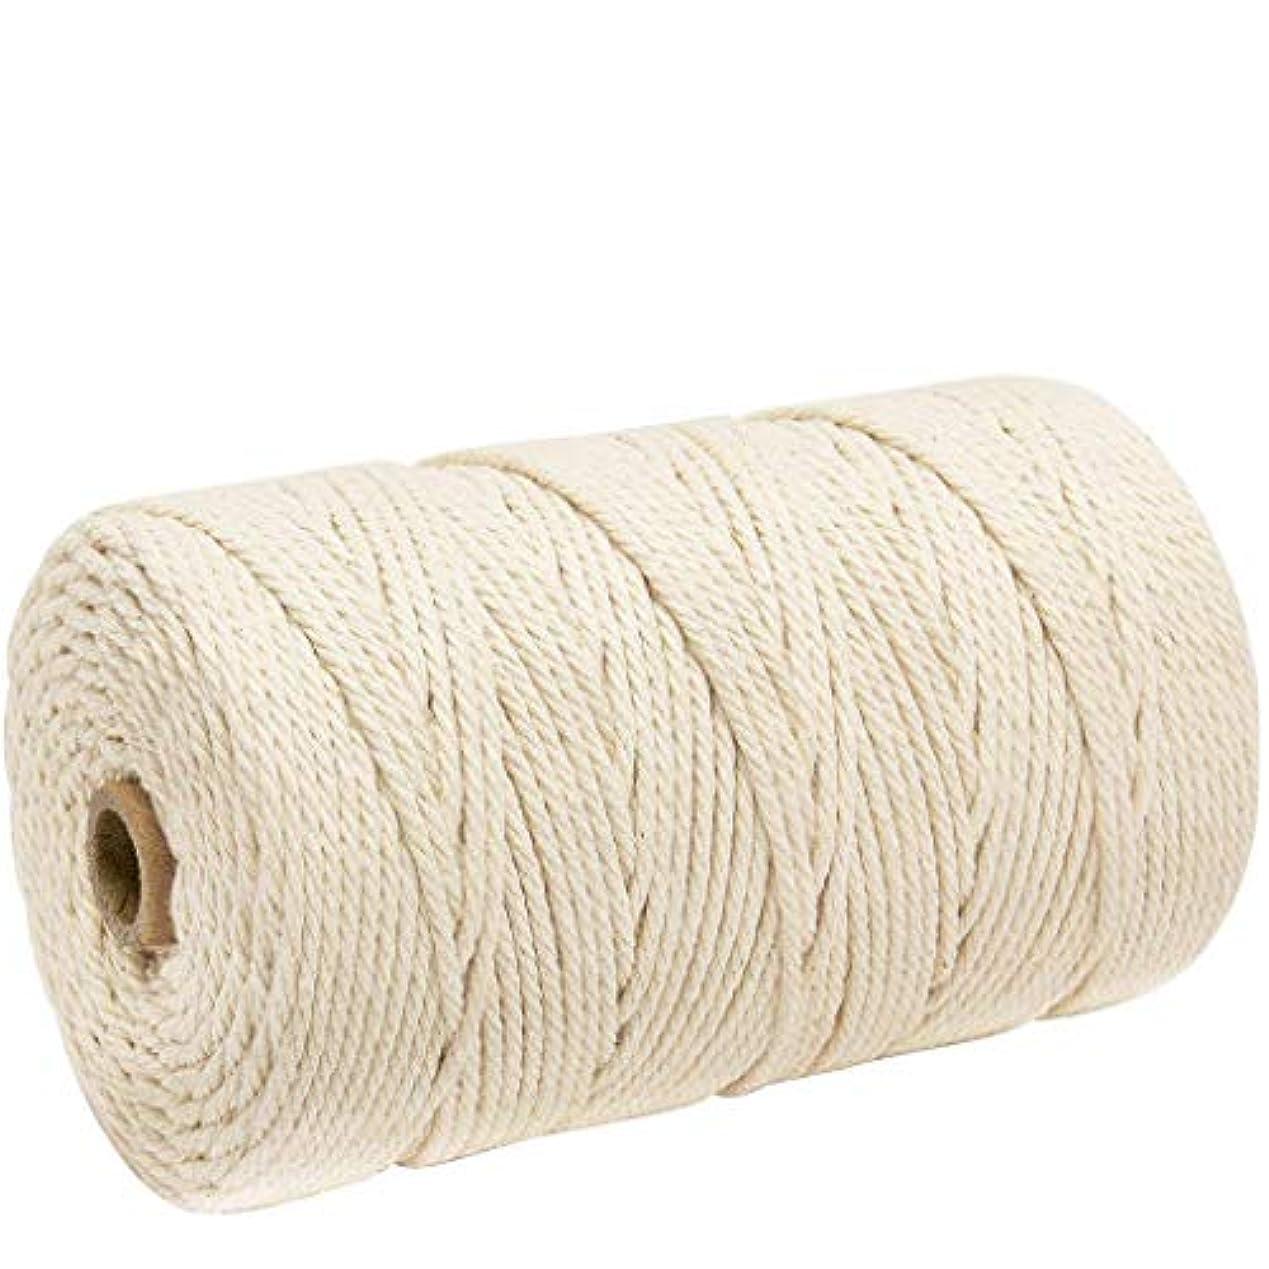 手綱かどうかレールナチュラルコットン マクラメ ロープ 紐 糸 手作り編み糸 綿 DIY壁掛けハンガークラフト編みコードロープ 3㎜ 200m (ライスホワイト)